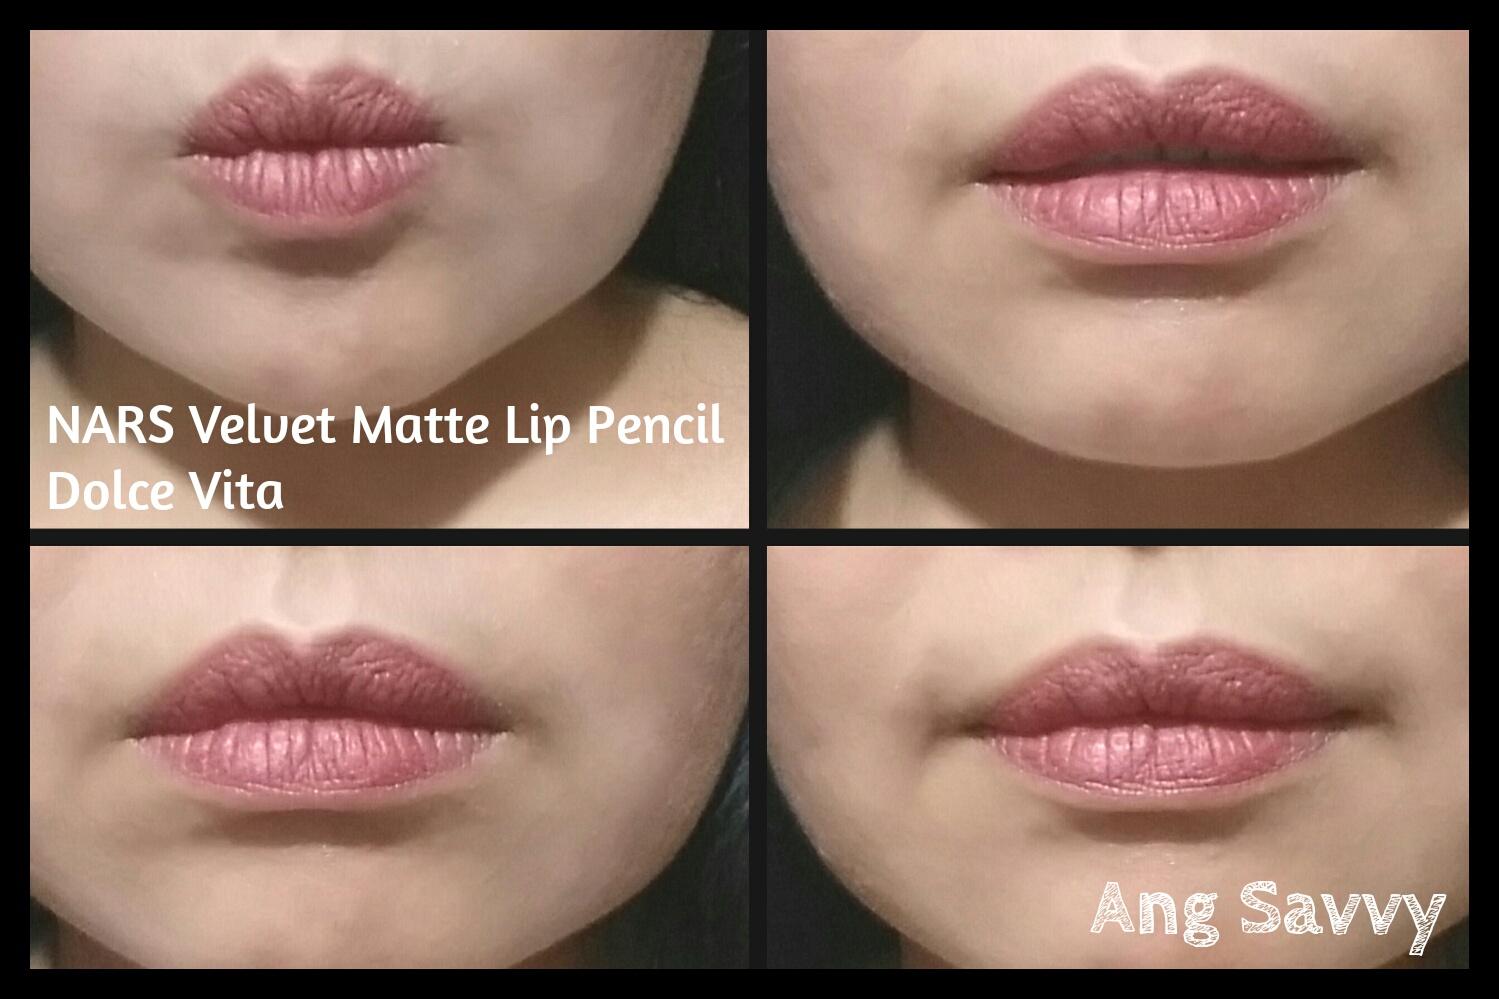 Nars Velvet Matte Lip Pencil NARS Velvet Matte Lip ...